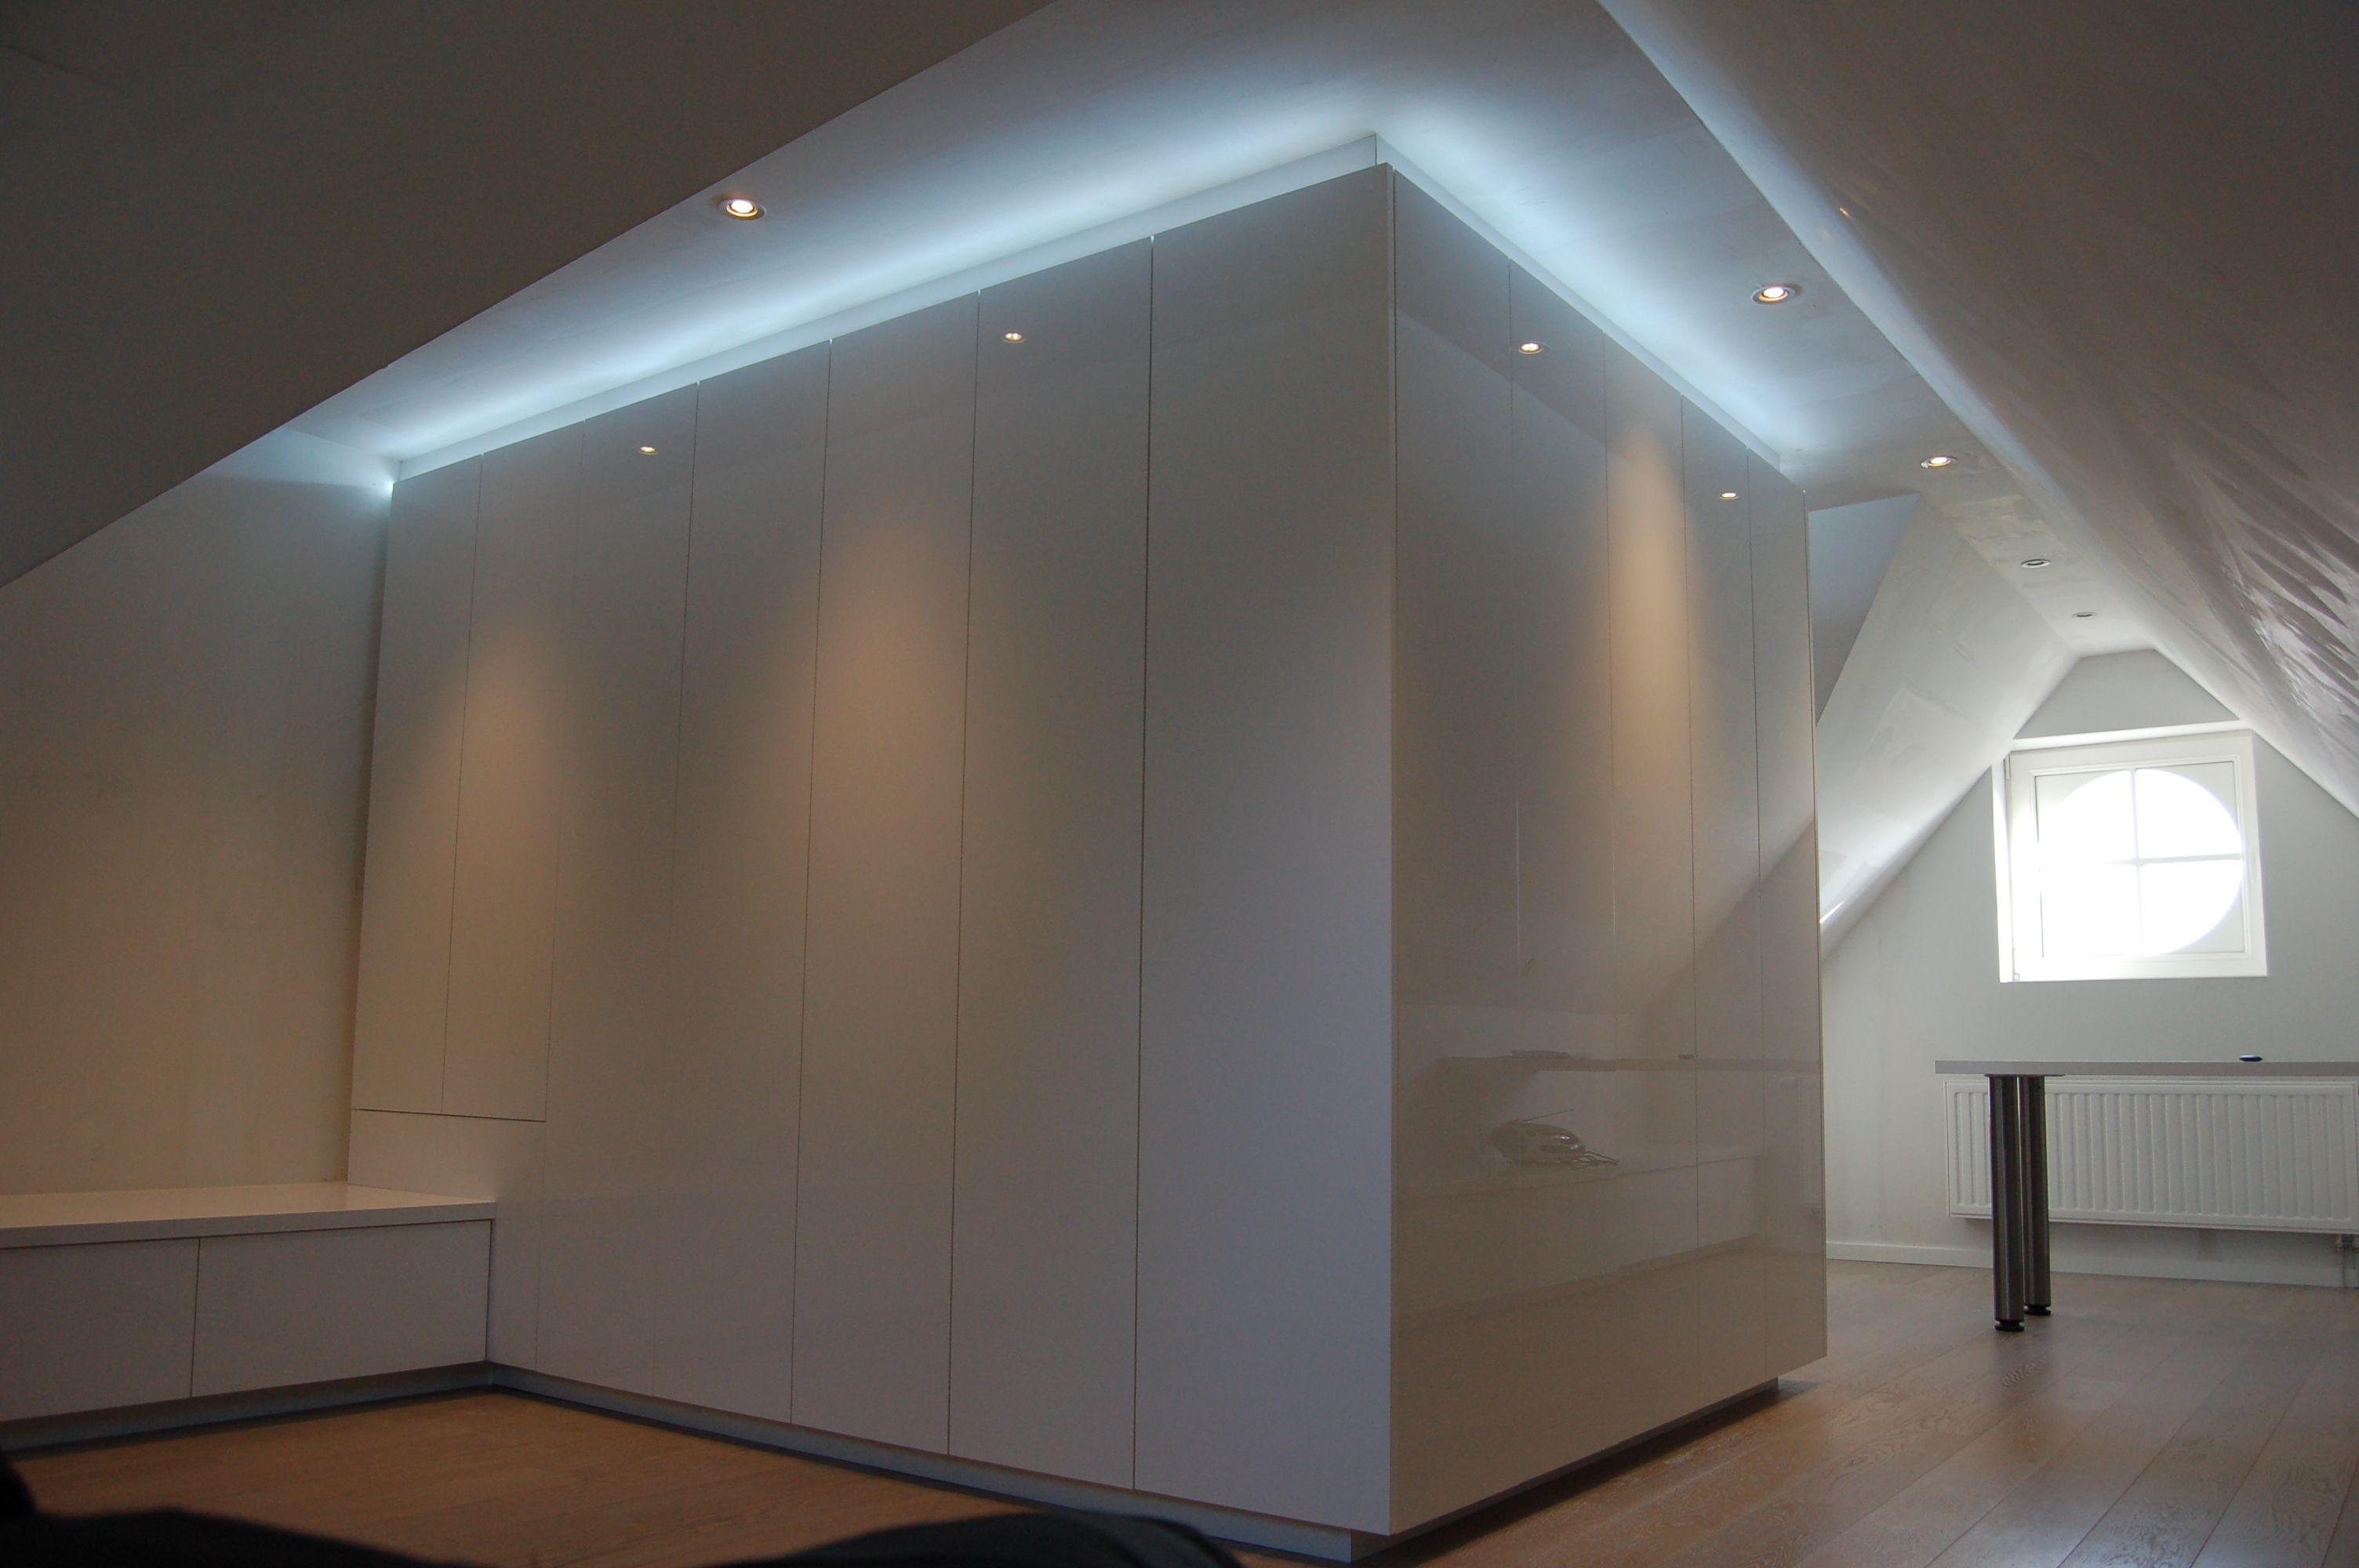 Kasten op zolderkamer met indirecte verlichting   project ...